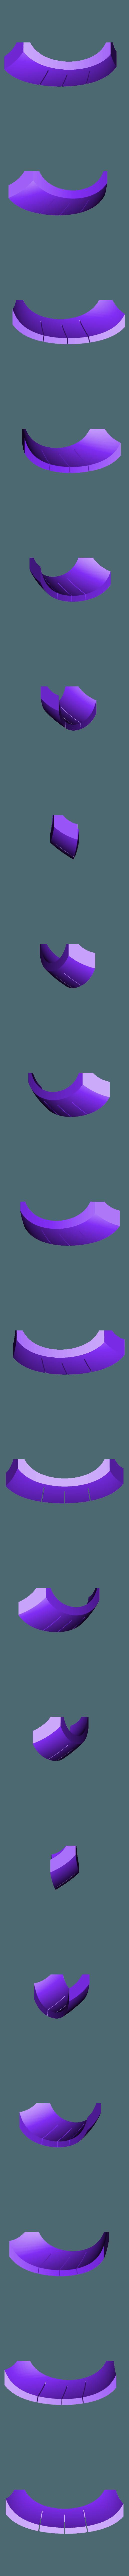 upper teeth.stl Télécharger fichier STL gratuit Gigantamax Gengar dans un marais (Pokemon) キョダイマックス ゲンガー MMU Pièces multicolores • Design pour imprimante 3D, Jangie